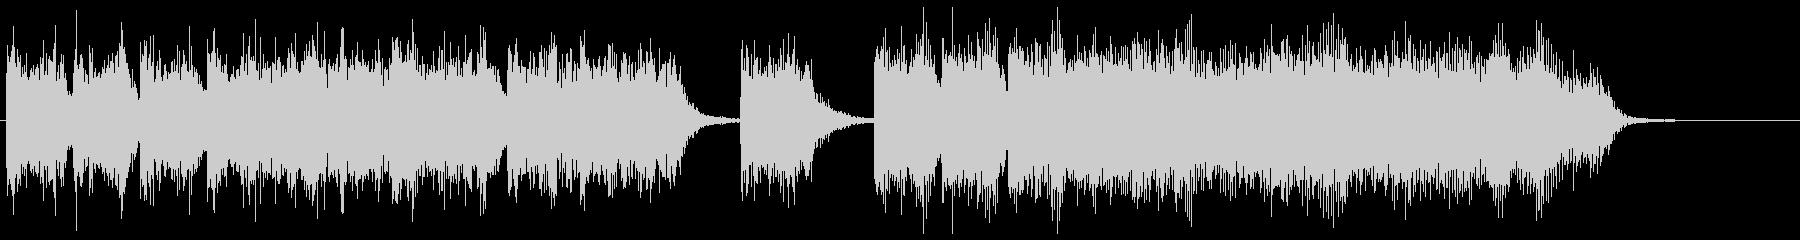 ピコピコとしたゲームのレベルアップ効果音の未再生の波形